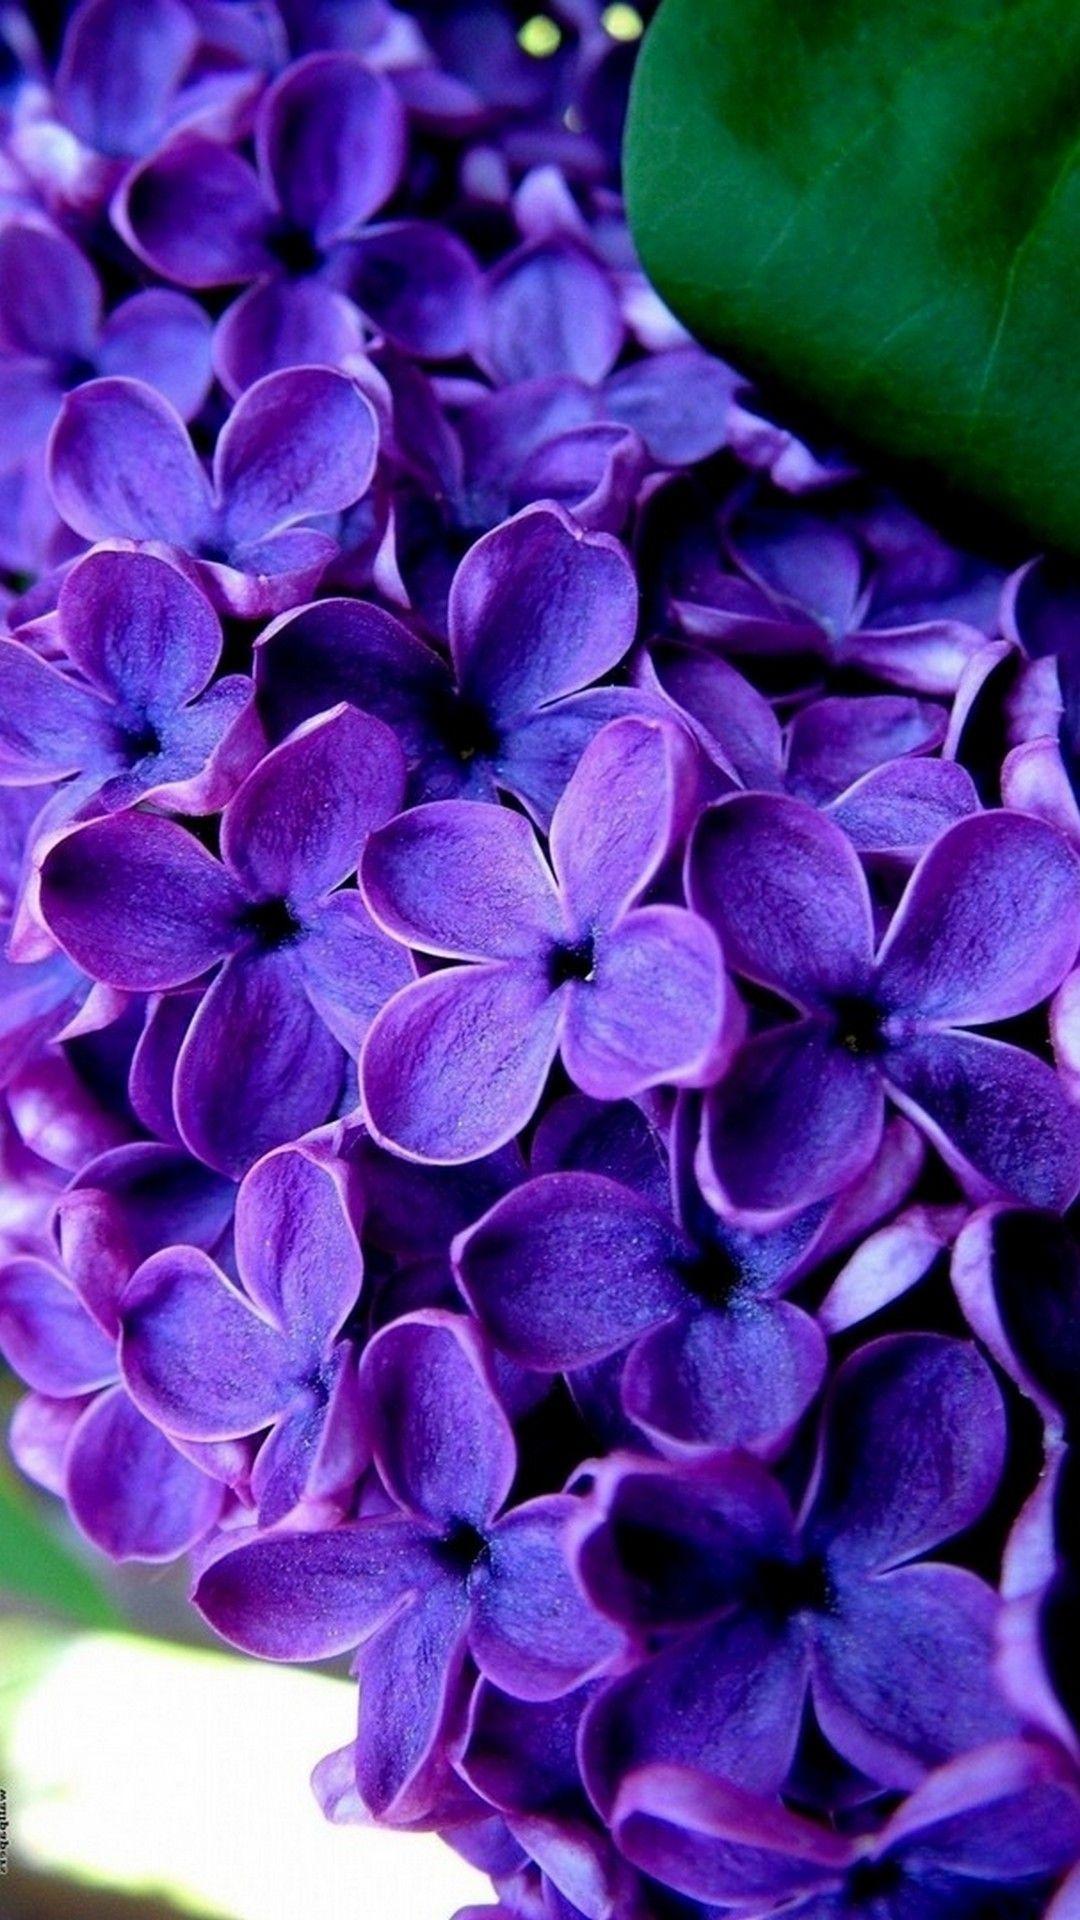 Purple Flowers Mobile Wallpaper Hd Best Hd Wallpapers Heart